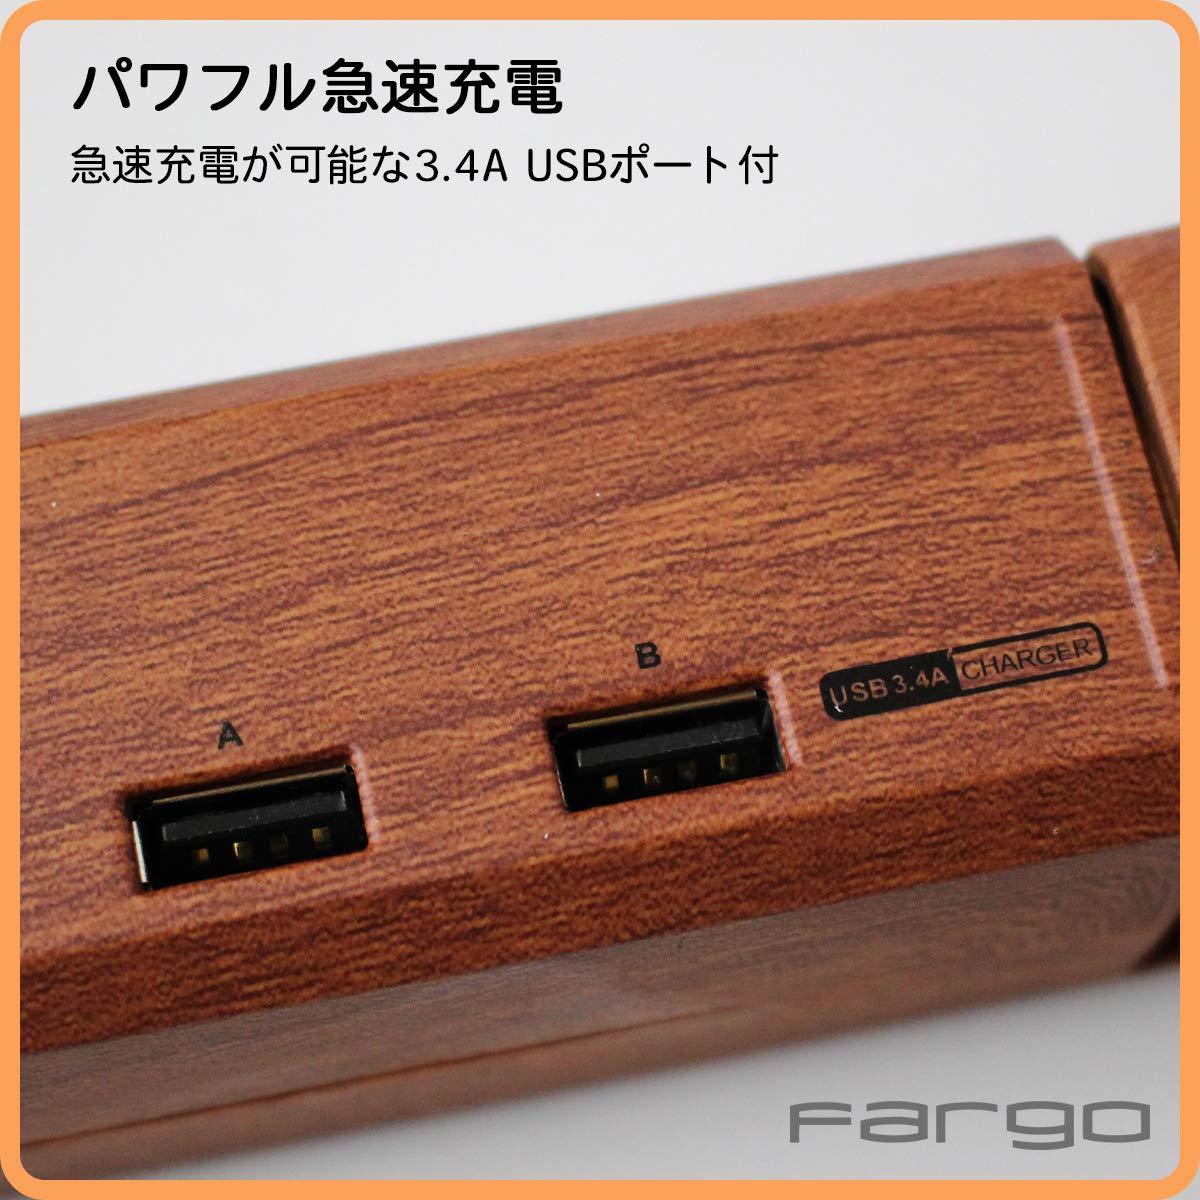 ケーブル AC6個口 Fargo 延長コード 急速充電 電源タップ エレガントなデザイン、魅惑的な木目調ダークウッド 回転 国内サポート対応 1年保証付 1.8m 3.4A USB